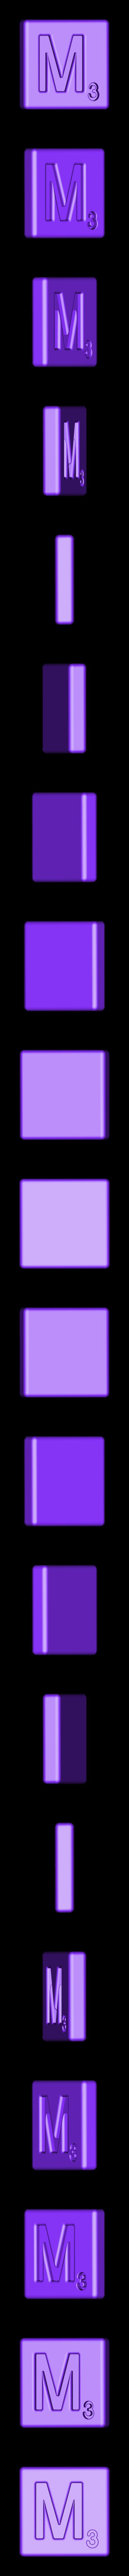 Single_Cut_M.STL Télécharger fichier STL gratuit Pièces et support SCRABBBLE • Design pour imprimante 3D, Balkhagal4D